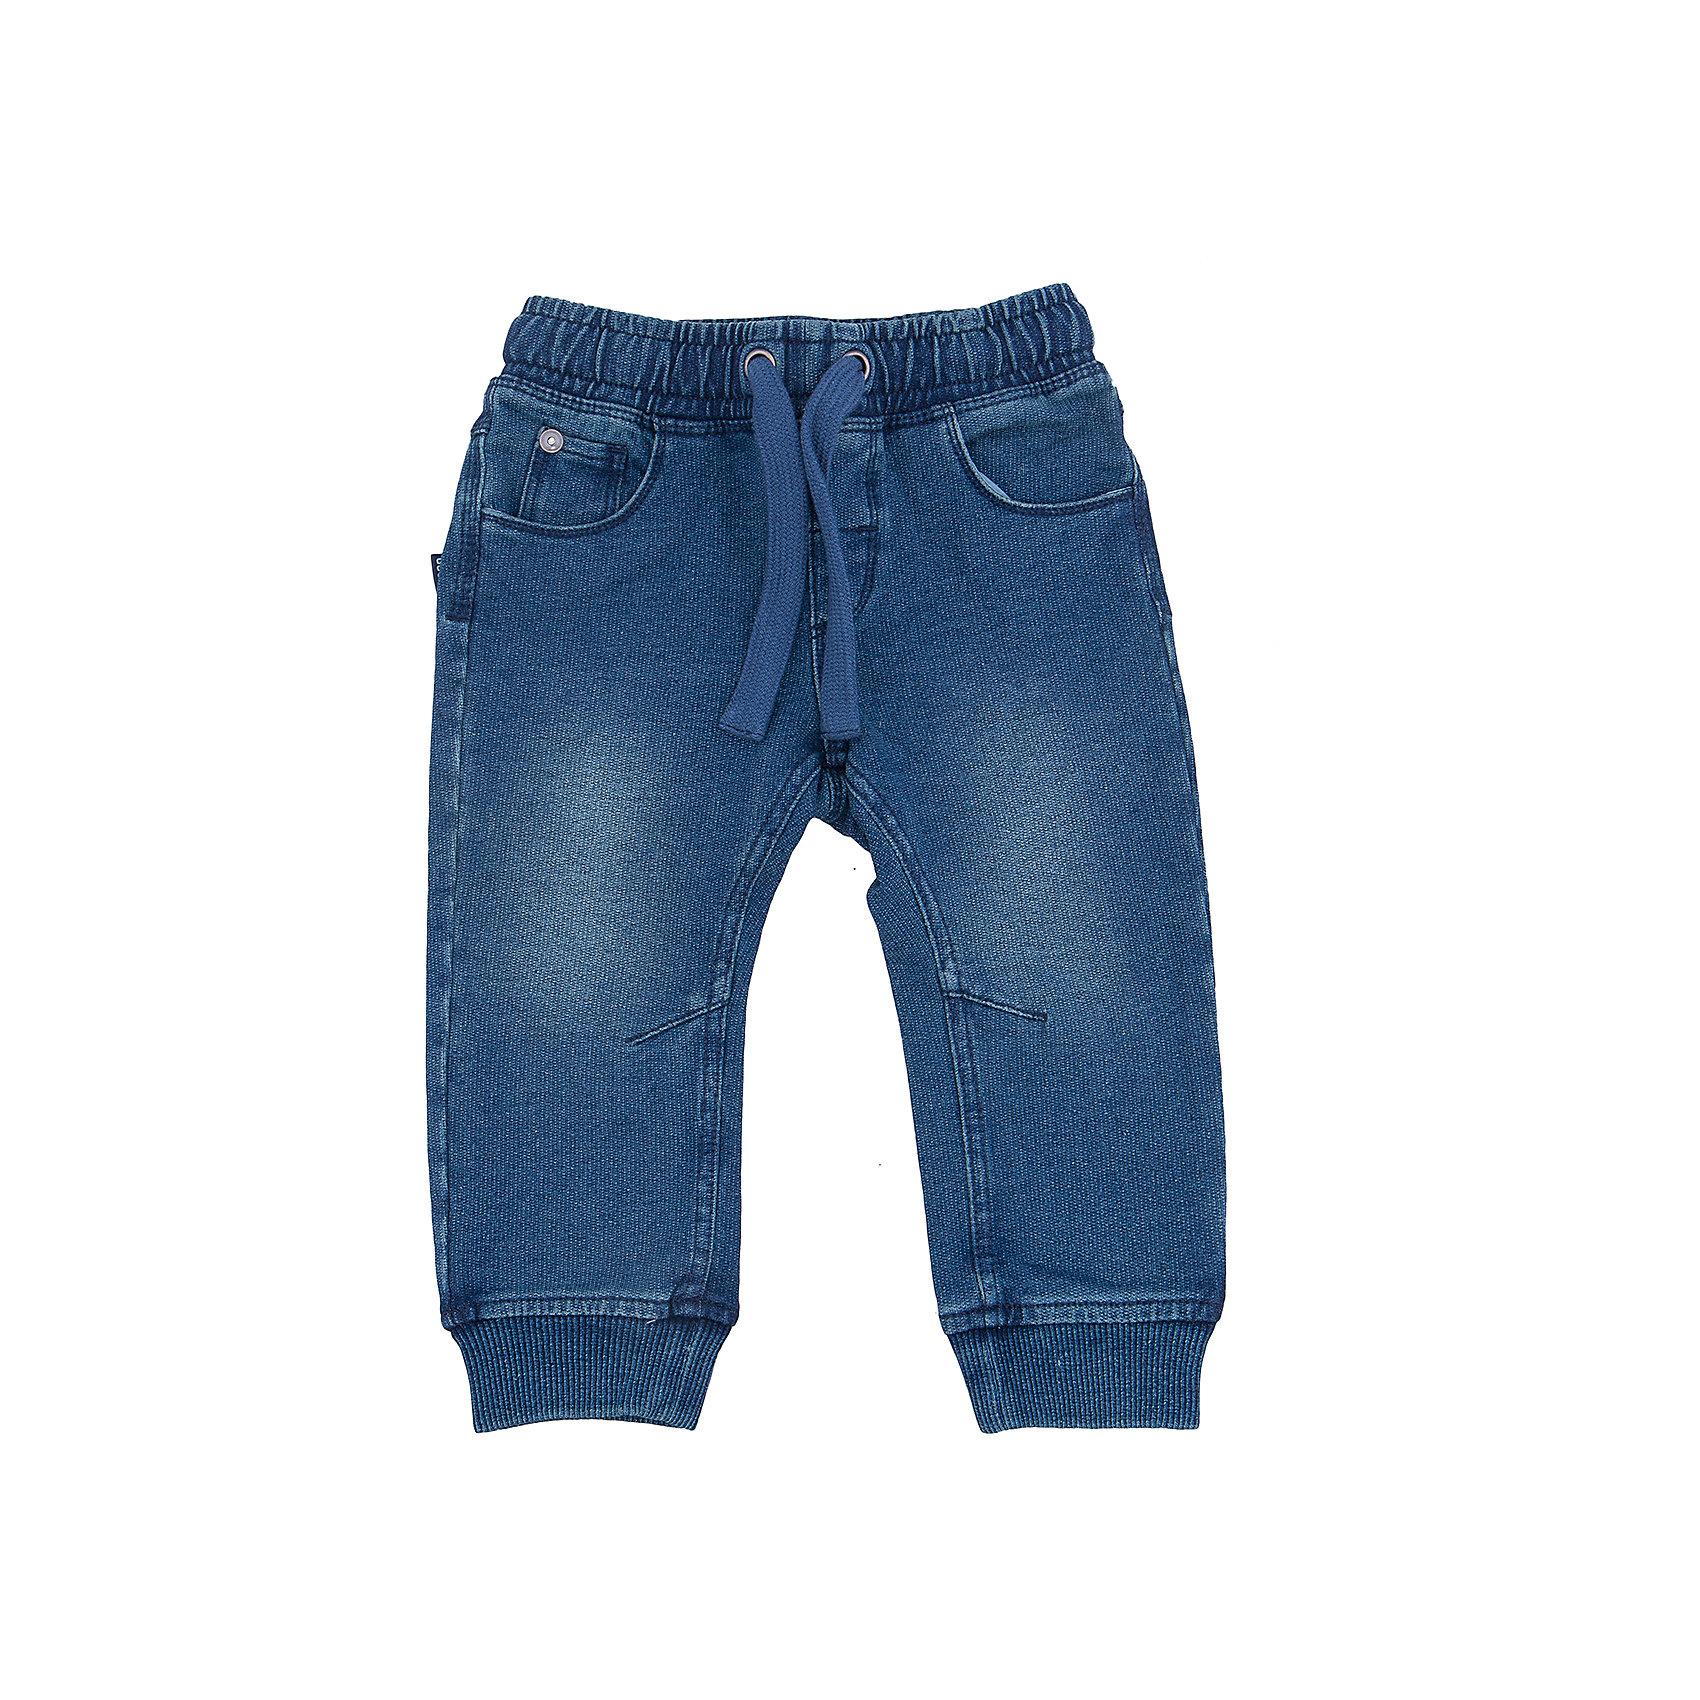 Брюки CHICCO для мальчикаБрюки CHICCO для мальчика<br><br>Характеристики:<br><br>Фактура материала: джинсовый трикотаж<br>Тип брюк: на резинке, обхват талии регулируется мягкой тесемкой<br>Тип карманов: карманы впереди и сзади<br>Вид отделки: стягивающие резиночки внизу изделия<br><br>Состав: 96% хлопок, 4% эластан<br><br>Брюки CHICCO для мальчика можно купить в нашем интернет-магазине.<br><br>Ширина мм: 215<br>Глубина мм: 88<br>Высота мм: 191<br>Вес г: 336<br>Цвет: синий<br>Возраст от месяцев: 72<br>Возраст до месяцев: 84<br>Пол: Мужской<br>Возраст: Детский<br>Размер: 122,128,74,80,86,92,98,104,110,116<br>SKU: 5082621